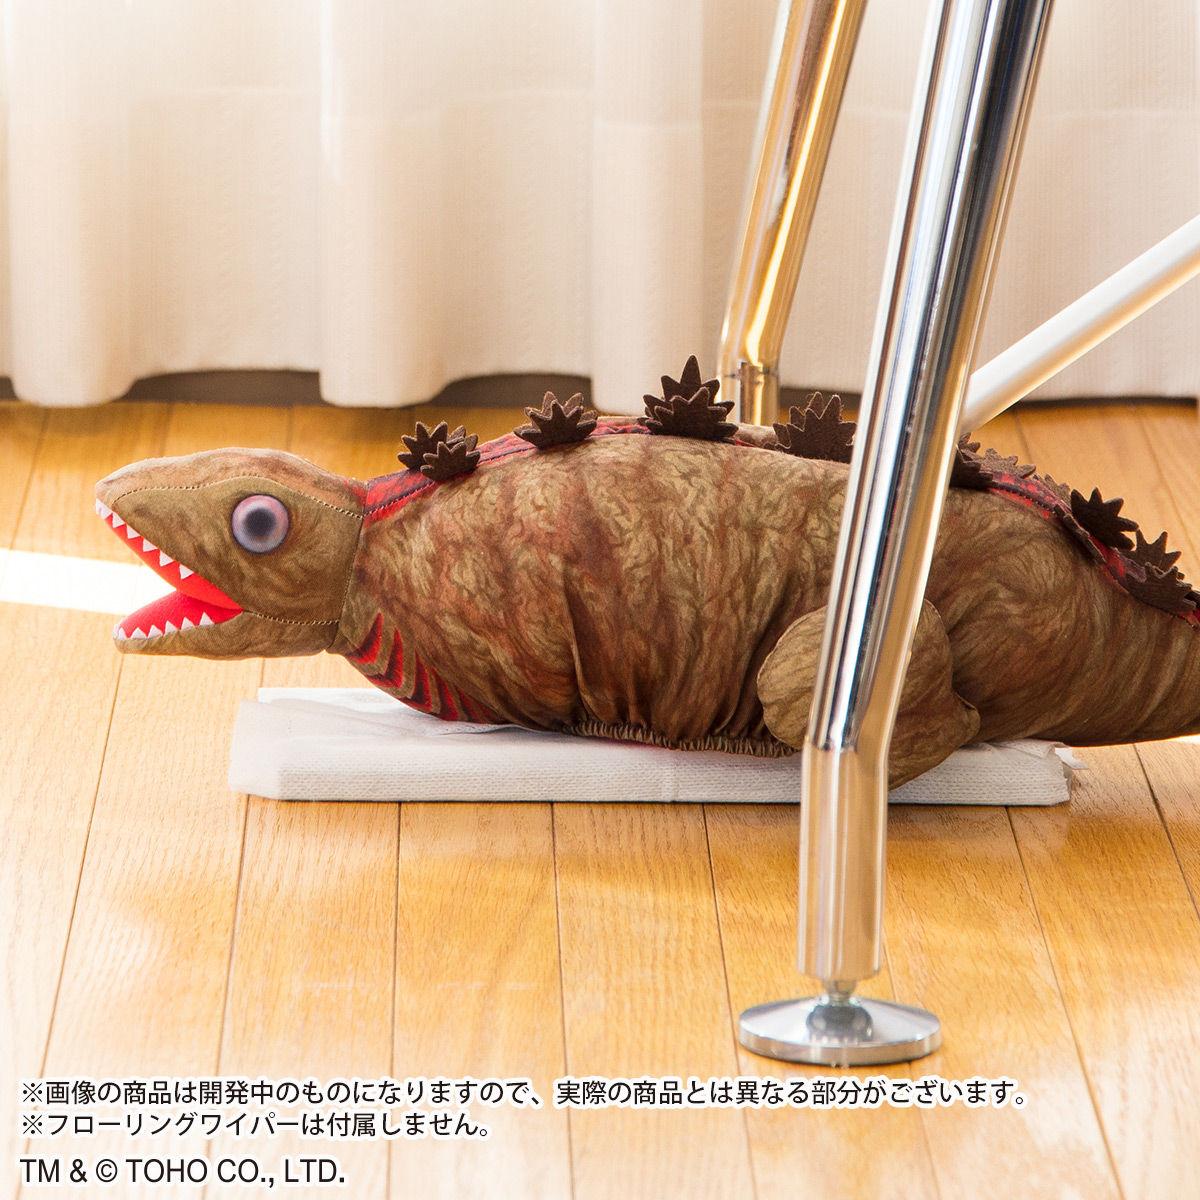 【限定販売】シン・ゴジラ『ゴジラ第2形態 フローリングワイパーカバー』グッズ-008